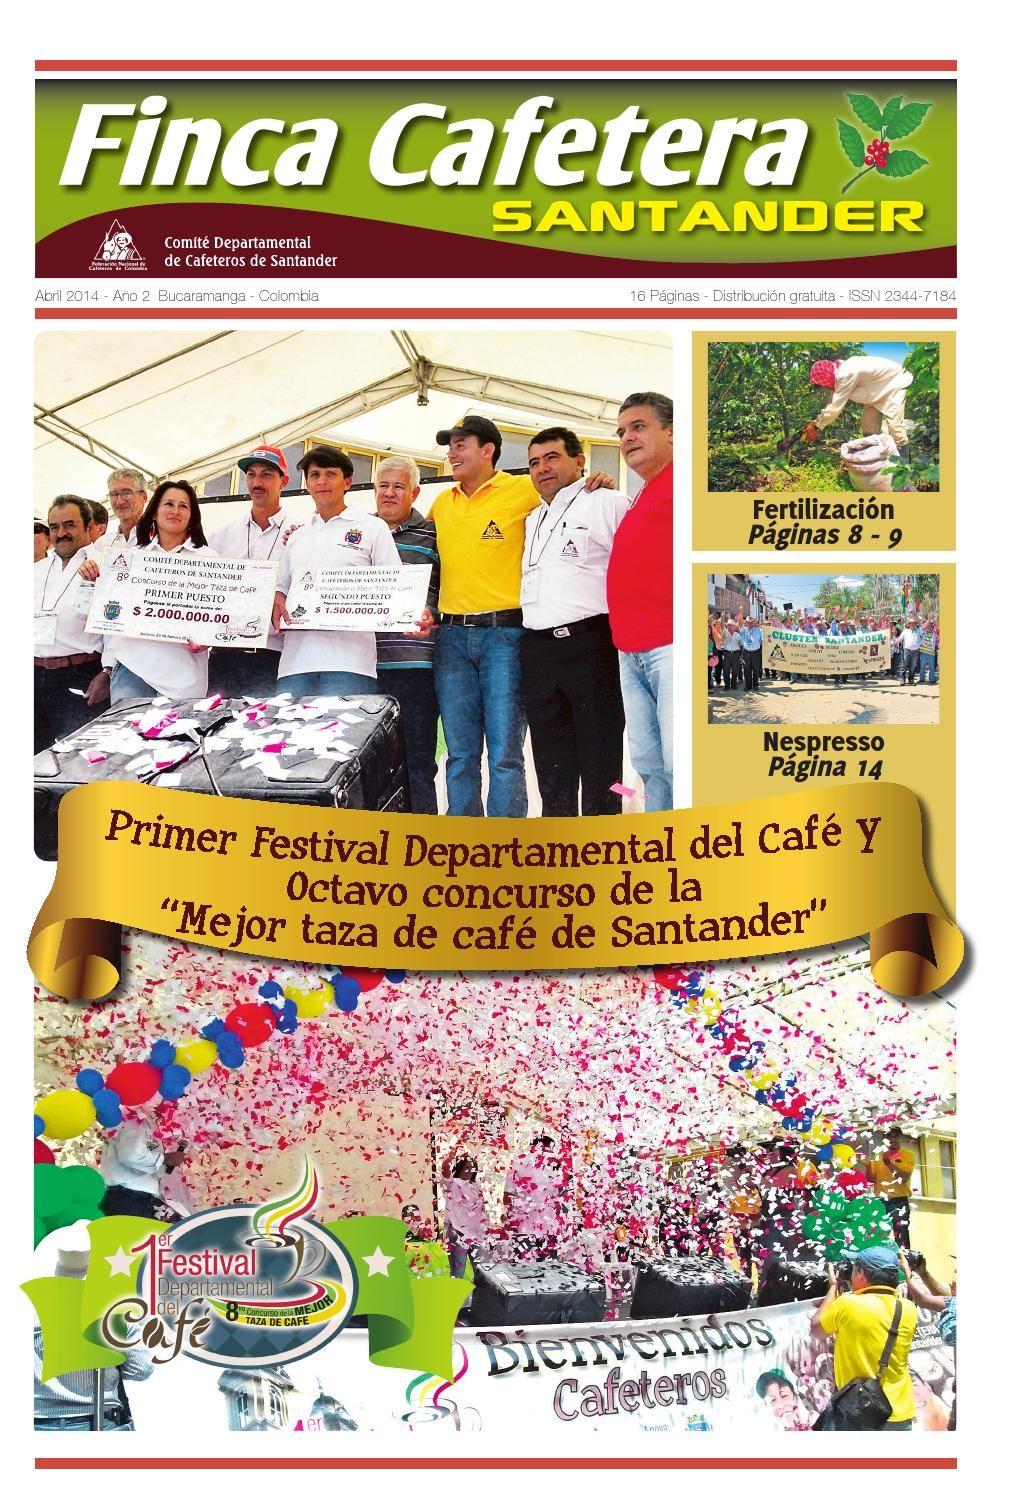 Finca Cafetera Santander Abril  Sexta edición del periódico Finca Cafetera Santander